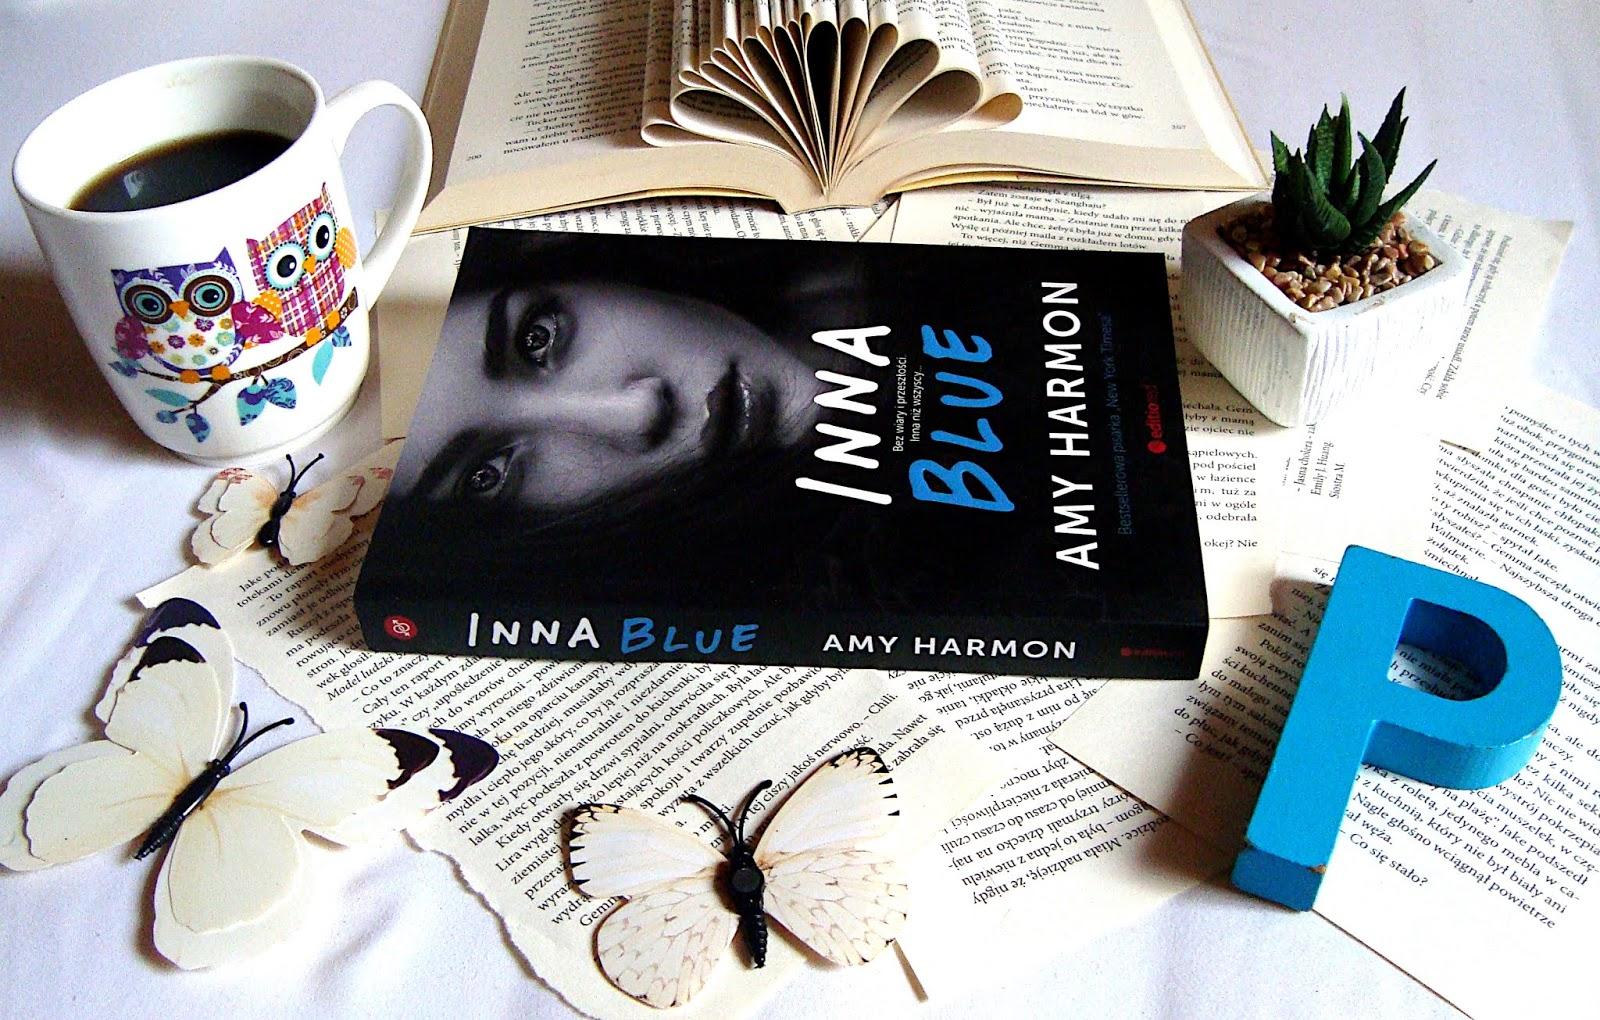 Inna blue Amy Harmon